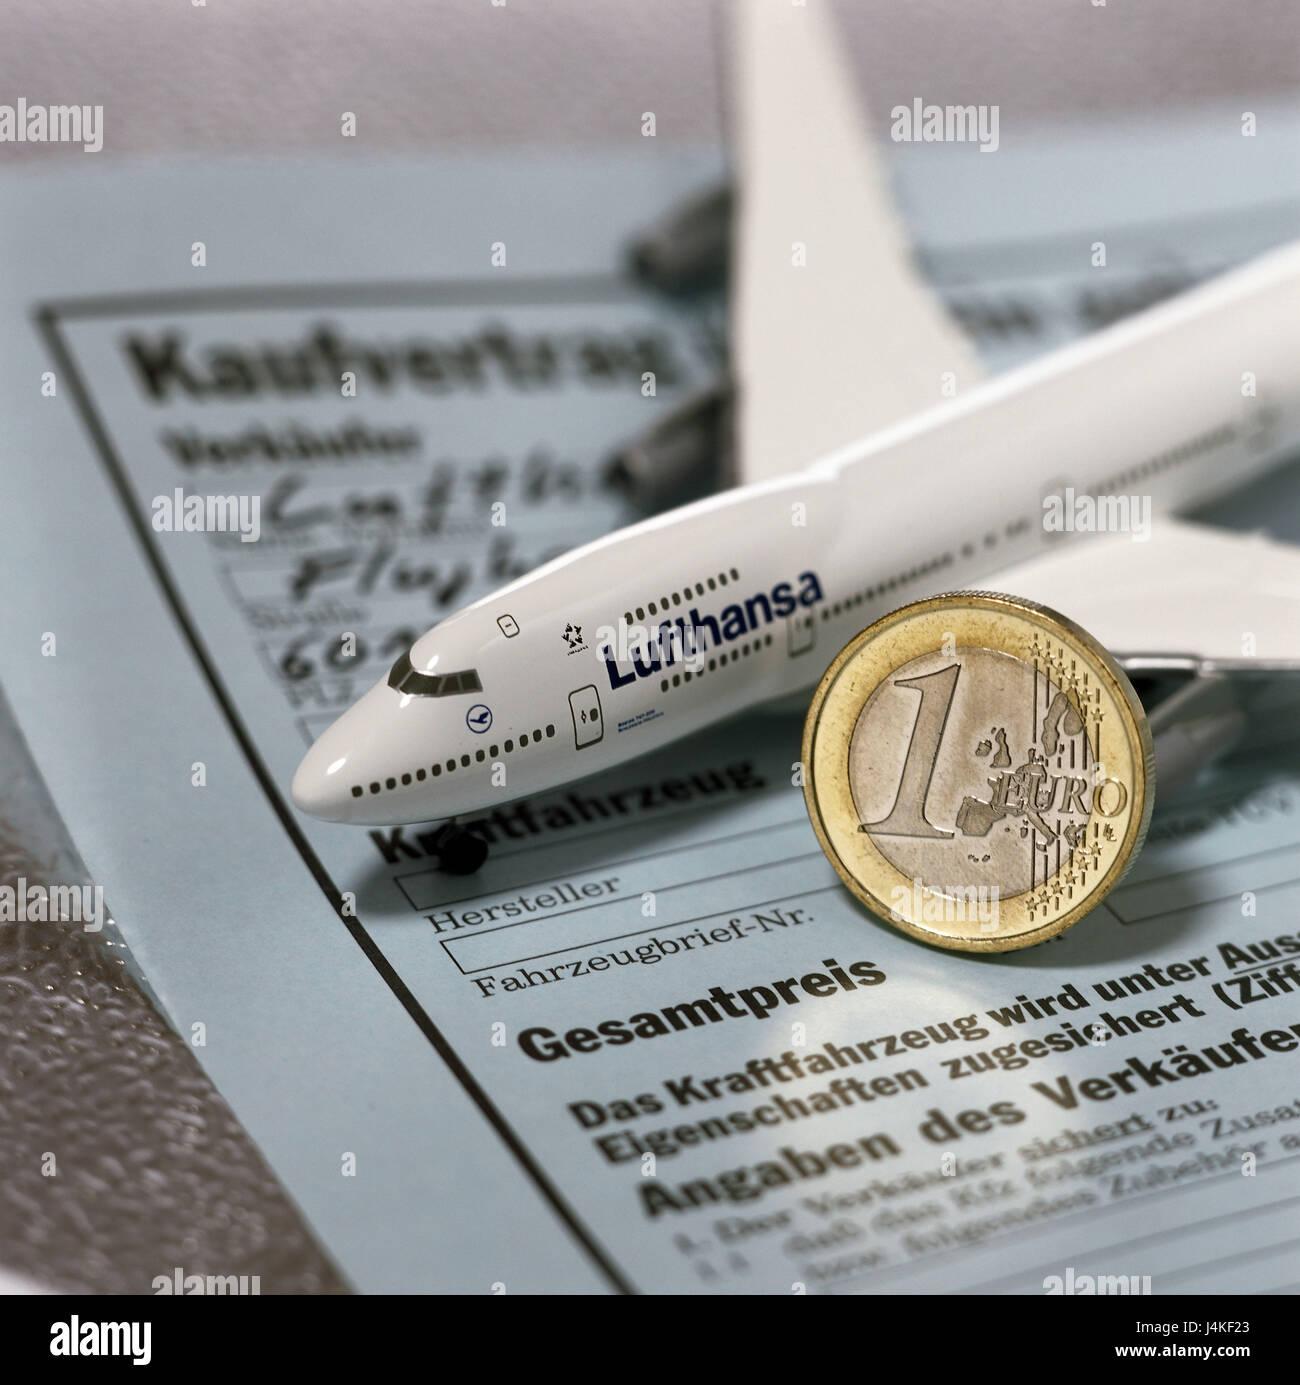 Kaufvertrag, Icon, Airline, Lufthansa, Flugzeug, für einen guten ...